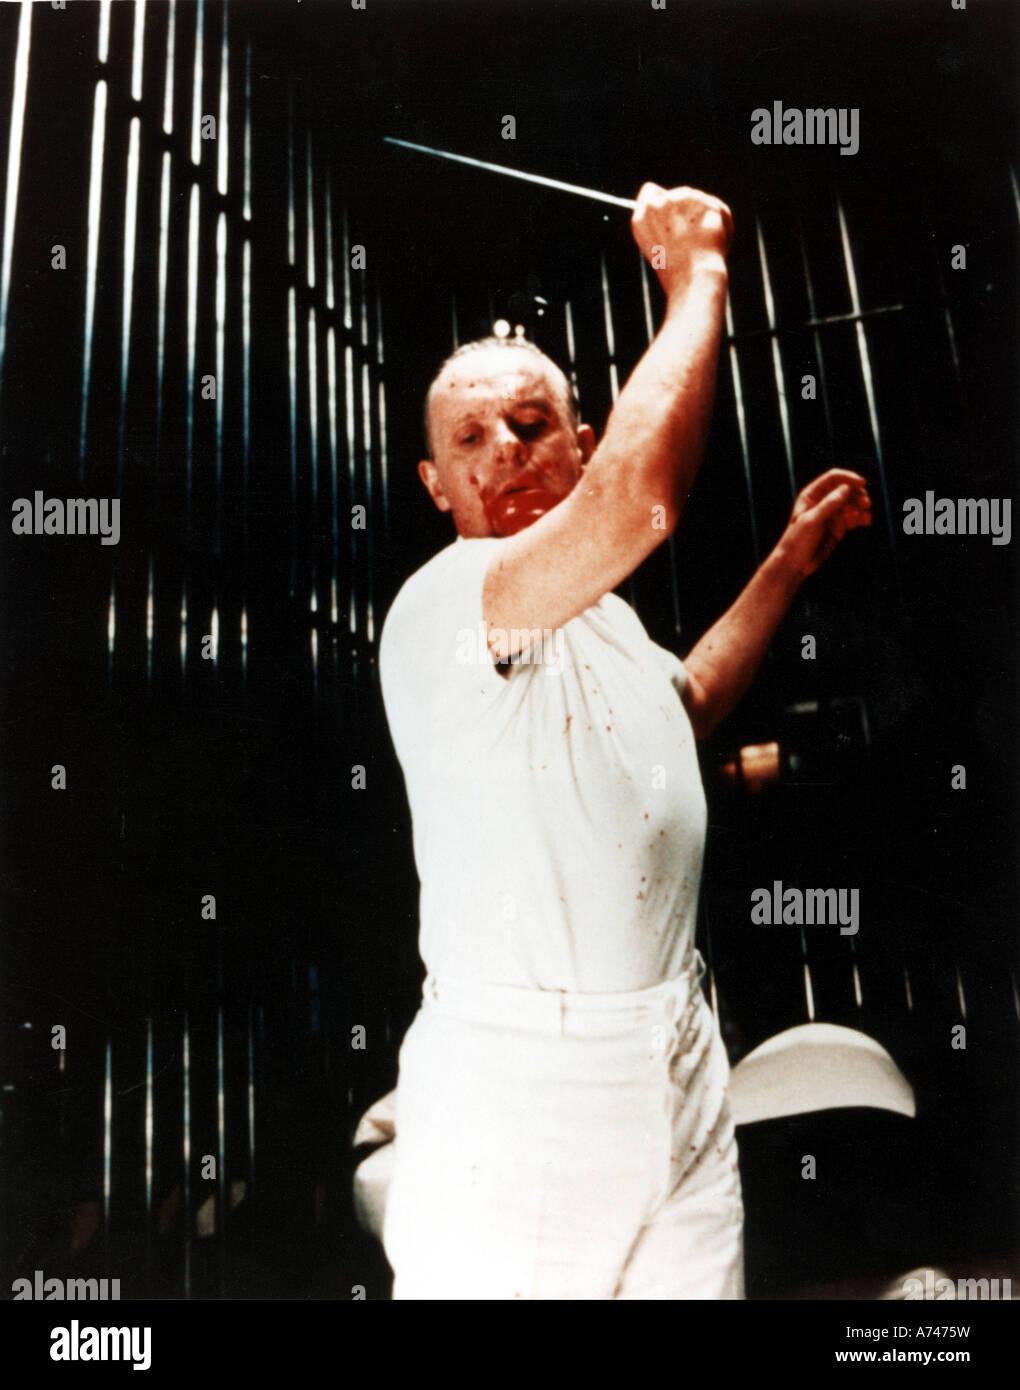 Schweigen der Lämmer 1990 Rang/Orion Film mit Anthony Hopkins als Dr. Hannibal Lecter Stockbild